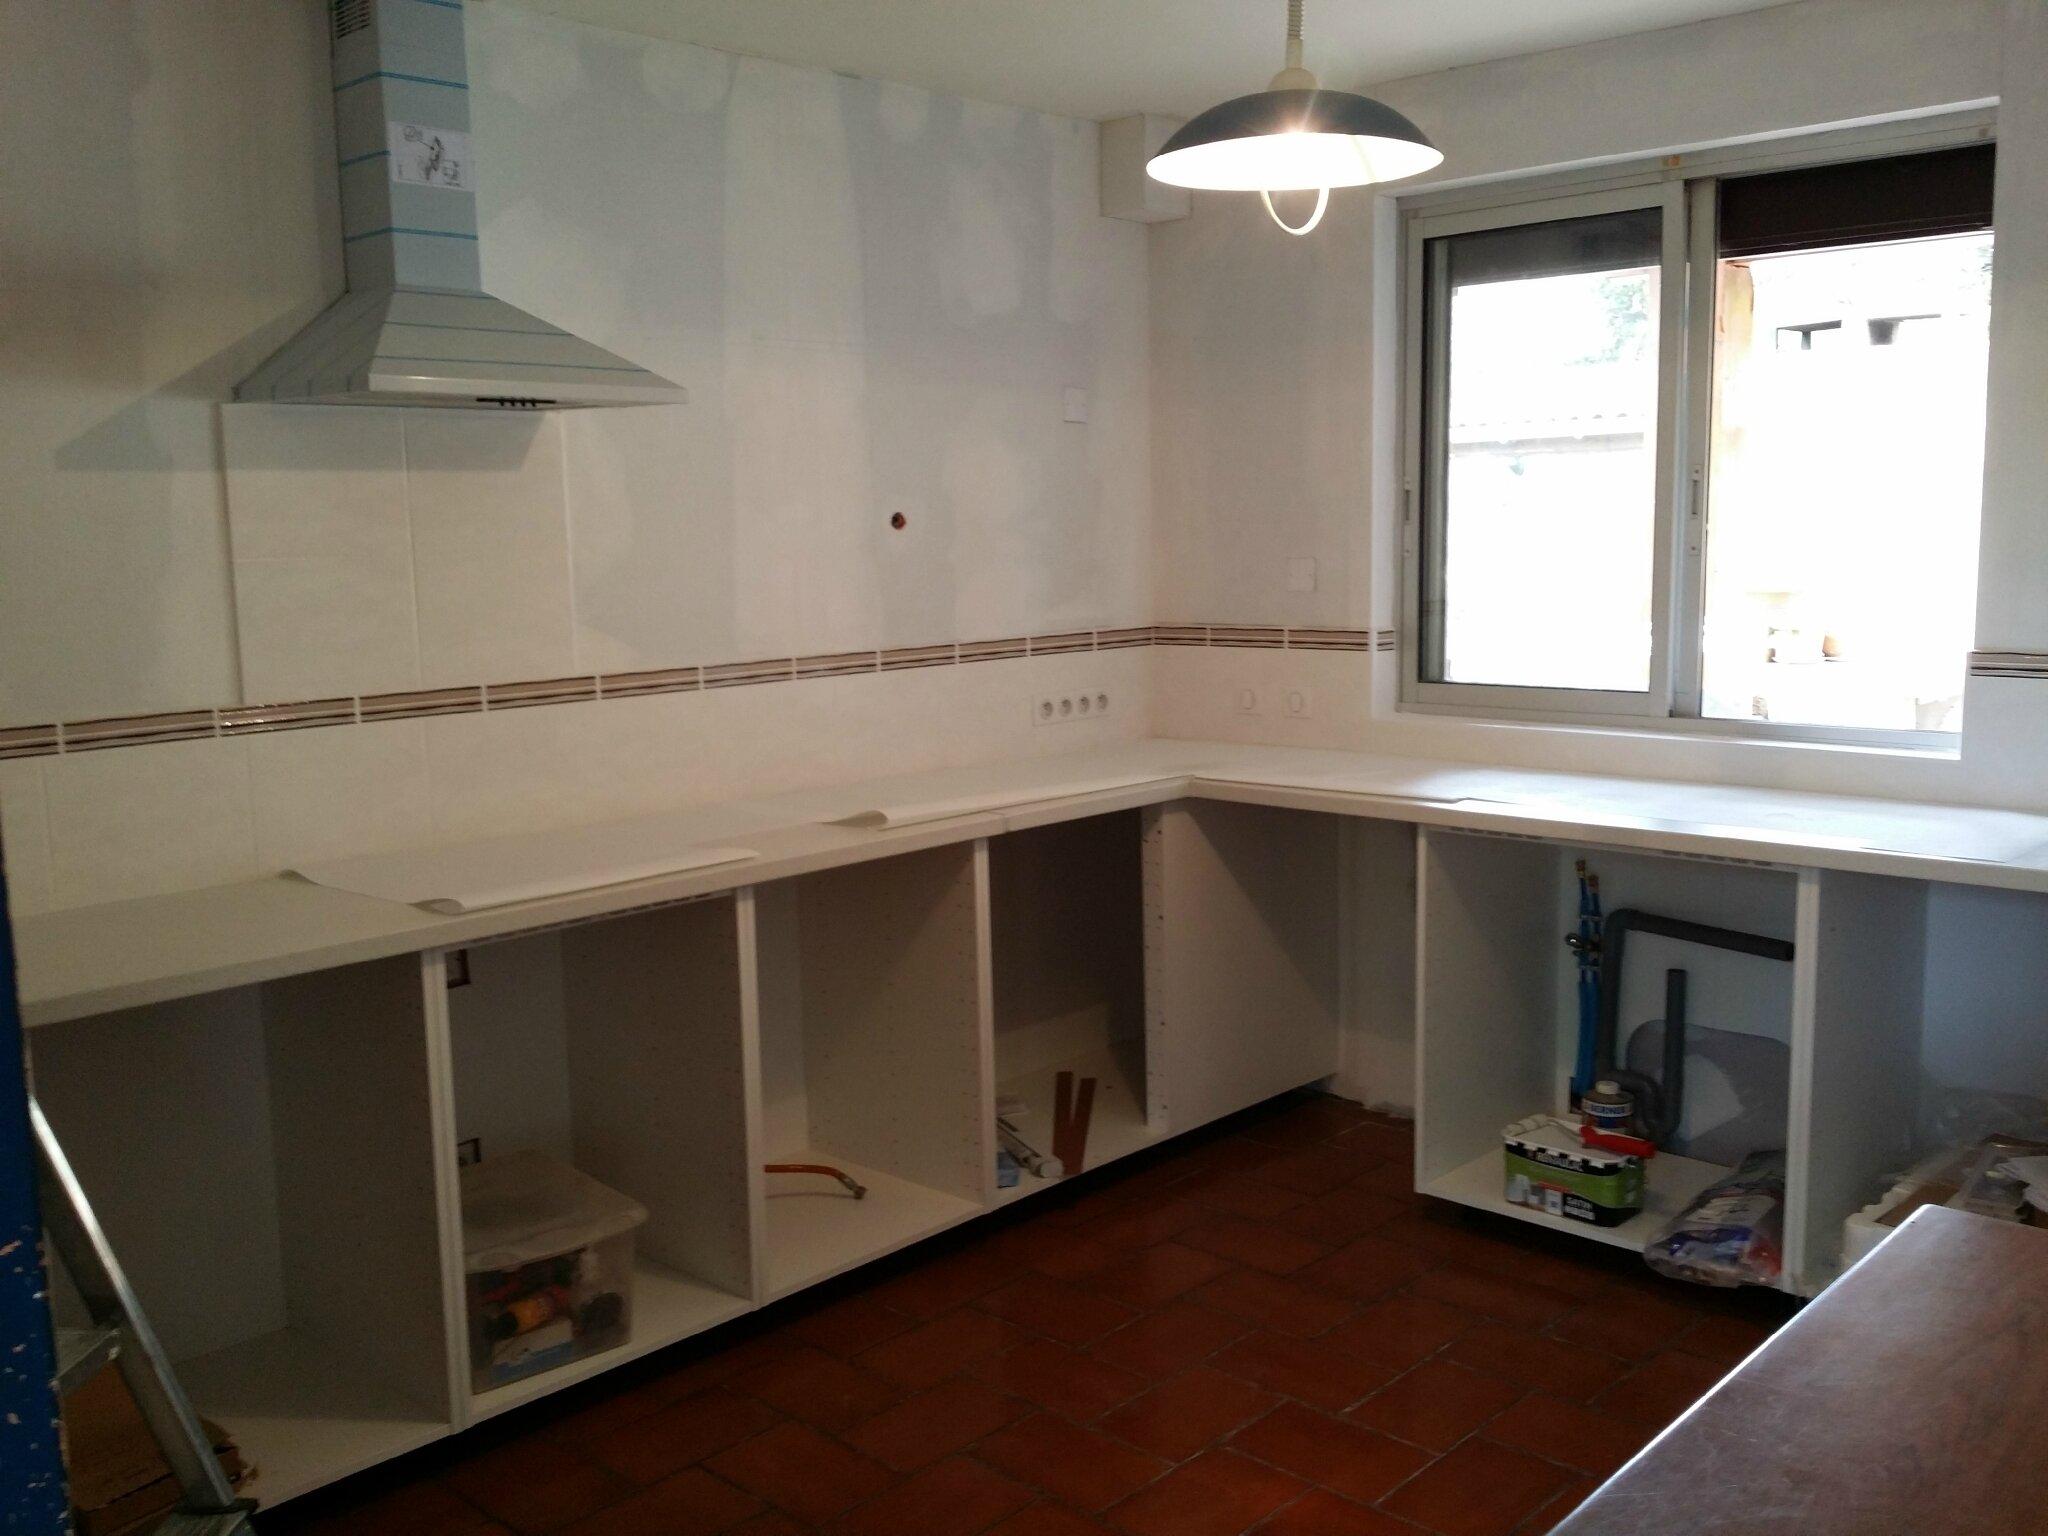 montage de meuble a domicile service montage ikea livraison et montage ikea avis. Black Bedroom Furniture Sets. Home Design Ideas